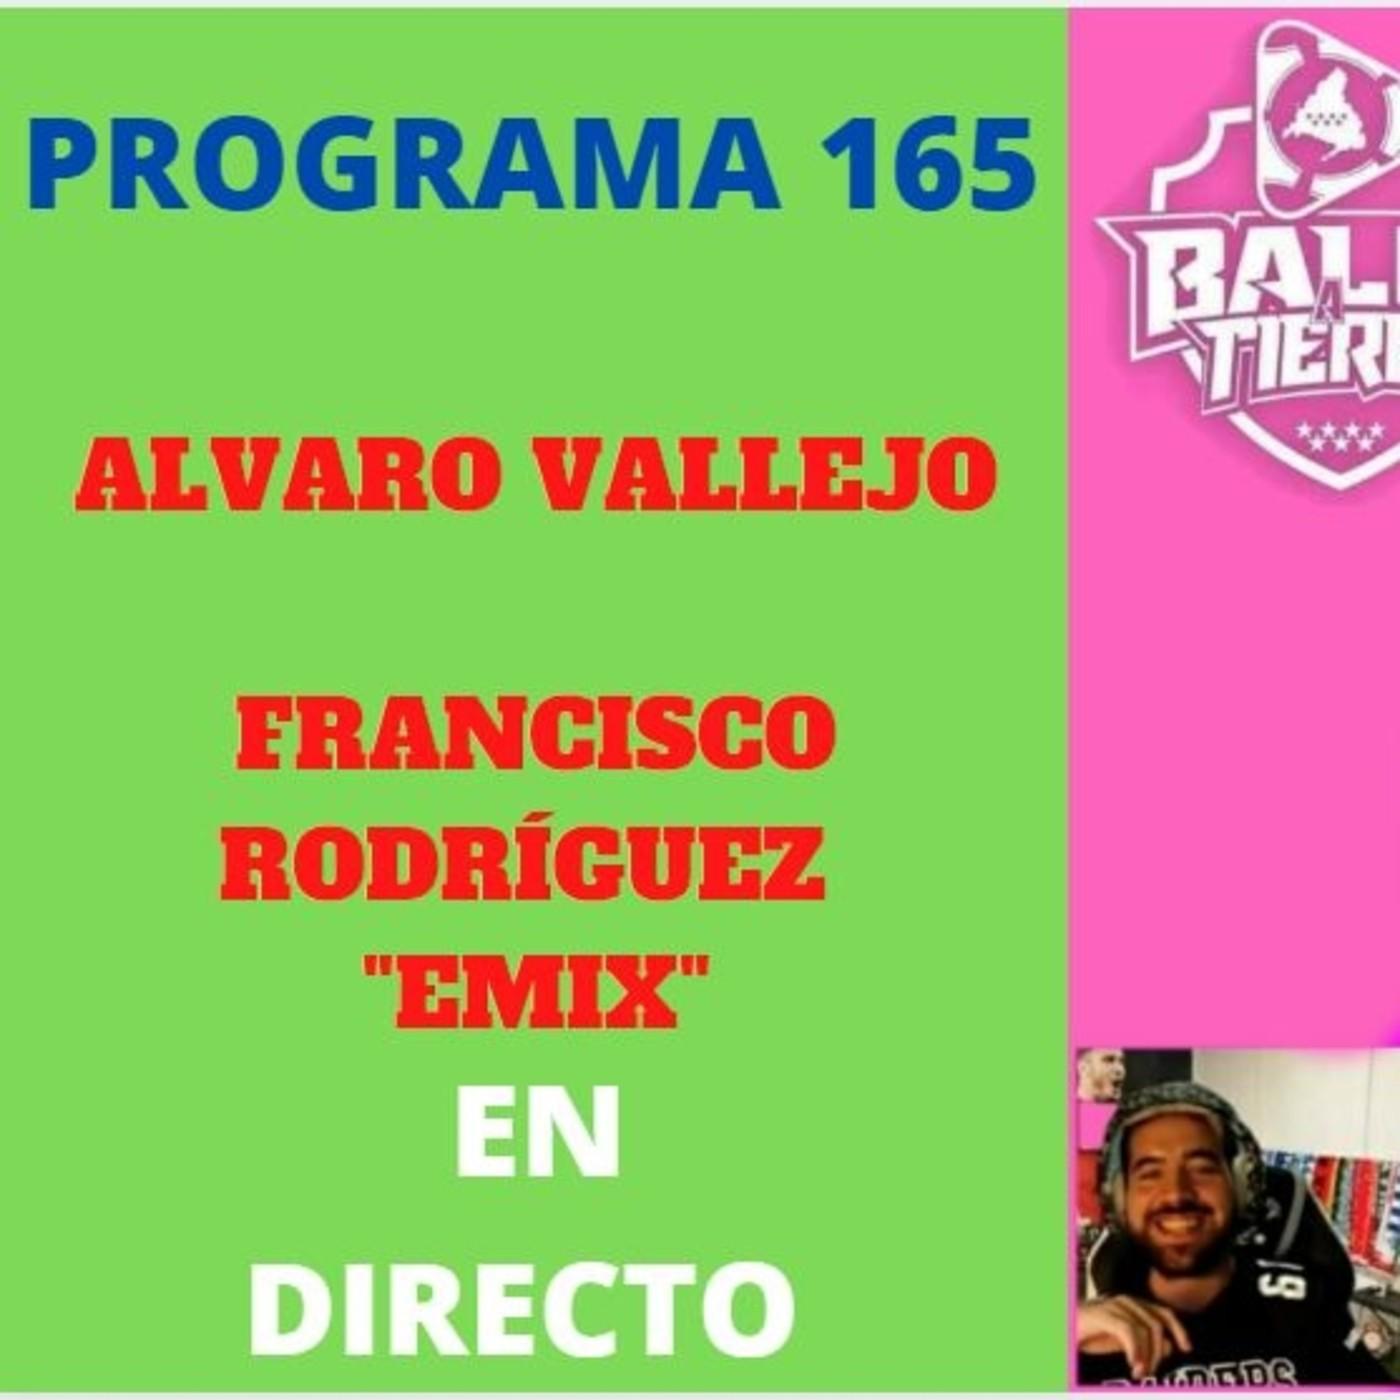 Programa 165 anÁlisis de la jornada, balÓn solidario de emix y alvaro vallejo